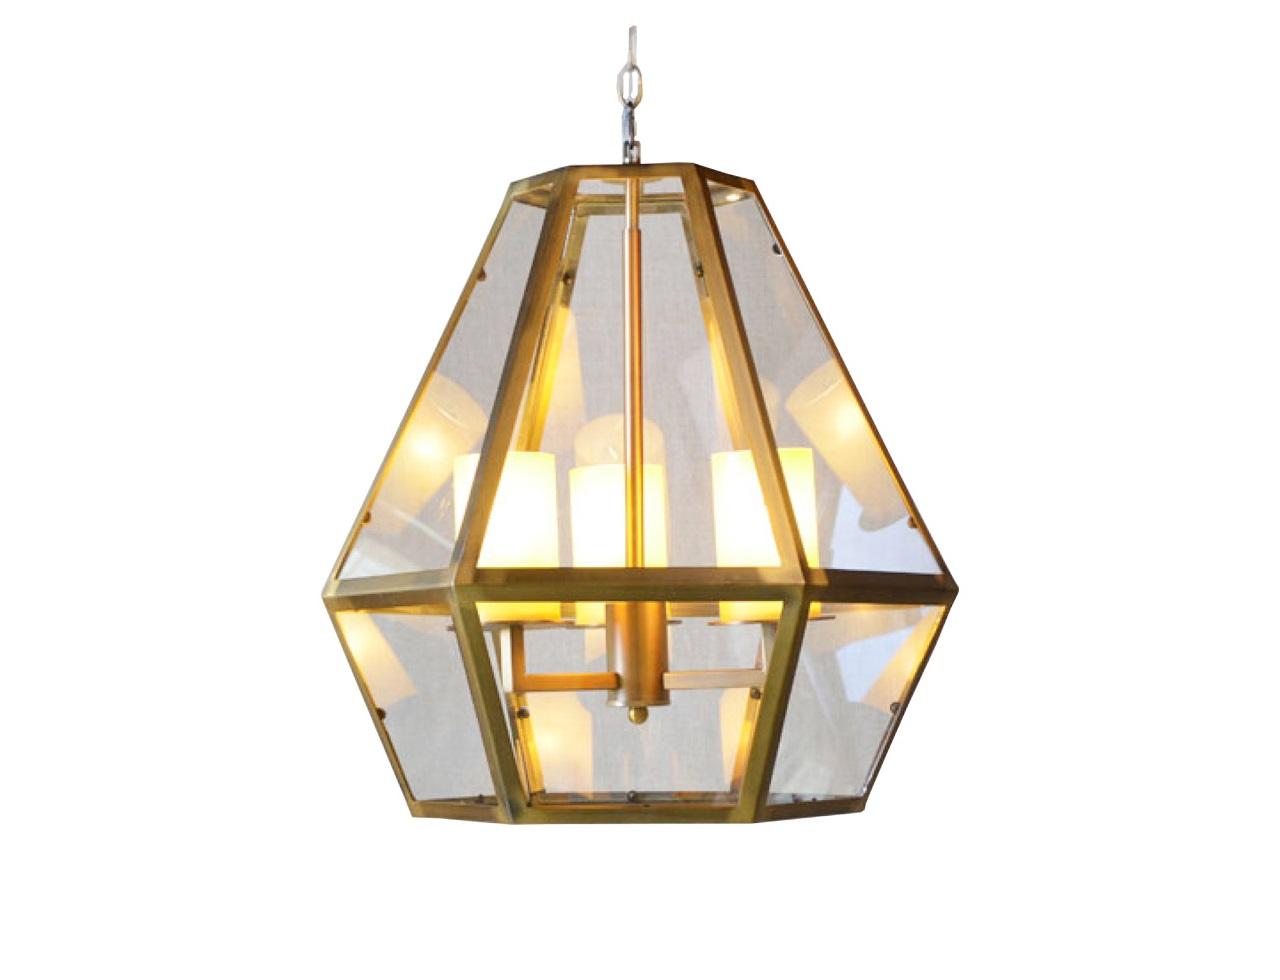 Светильник подвесной Arn ChandelierПодвесные светильники<br>Металл и стекло, совмещенные в строгих выверенных пропорциях, придают &amp;quot;Arn Chandelier&amp;quot; одновременно брутальный и элегантный вид. Прочность одного материала, противопоставленная хрупкости другого, рождает нетривиальный дизайн в стиле лофт. Построенный на контрастах, он делает светильник идеальным дополнением для домов творческих личностей, свободных от предрассудков. Используя такой декор в столовой или гостиной, вы сможете придать им оригинальность, заключенную в очаровании промышленной эстетики.&amp;lt;div&amp;gt;&amp;lt;br&amp;gt;&amp;lt;/div&amp;gt;&amp;lt;div&amp;gt;Подвесной светильник на металлической арматуре серого цвета.&amp;lt;/div&amp;gt;&amp;lt;div&amp;gt;Створки плафона выполнены из прозрачного стекла.&amp;lt;/div&amp;gt;&amp;lt;div&amp;gt;За стеклом располагаются 3 плафона из матового белого стекла.&amp;lt;/div&amp;gt;&amp;lt;div&amp;gt;Высота светильника регулируется.&amp;lt;/div&amp;gt;&amp;lt;div&amp;gt;Цоколь: E14&amp;lt;/div&amp;gt;&amp;lt;div&amp;gt;Мощность: 25W&amp;lt;/div&amp;gt;&amp;lt;div&amp;gt;Количество ламп: 3&amp;lt;/div&amp;gt;&amp;lt;div&amp;gt;Лампы в комплект не входят&amp;lt;/div&amp;gt;<br><br>Material: Металл<br>Height см: 55<br>Diameter см: 52